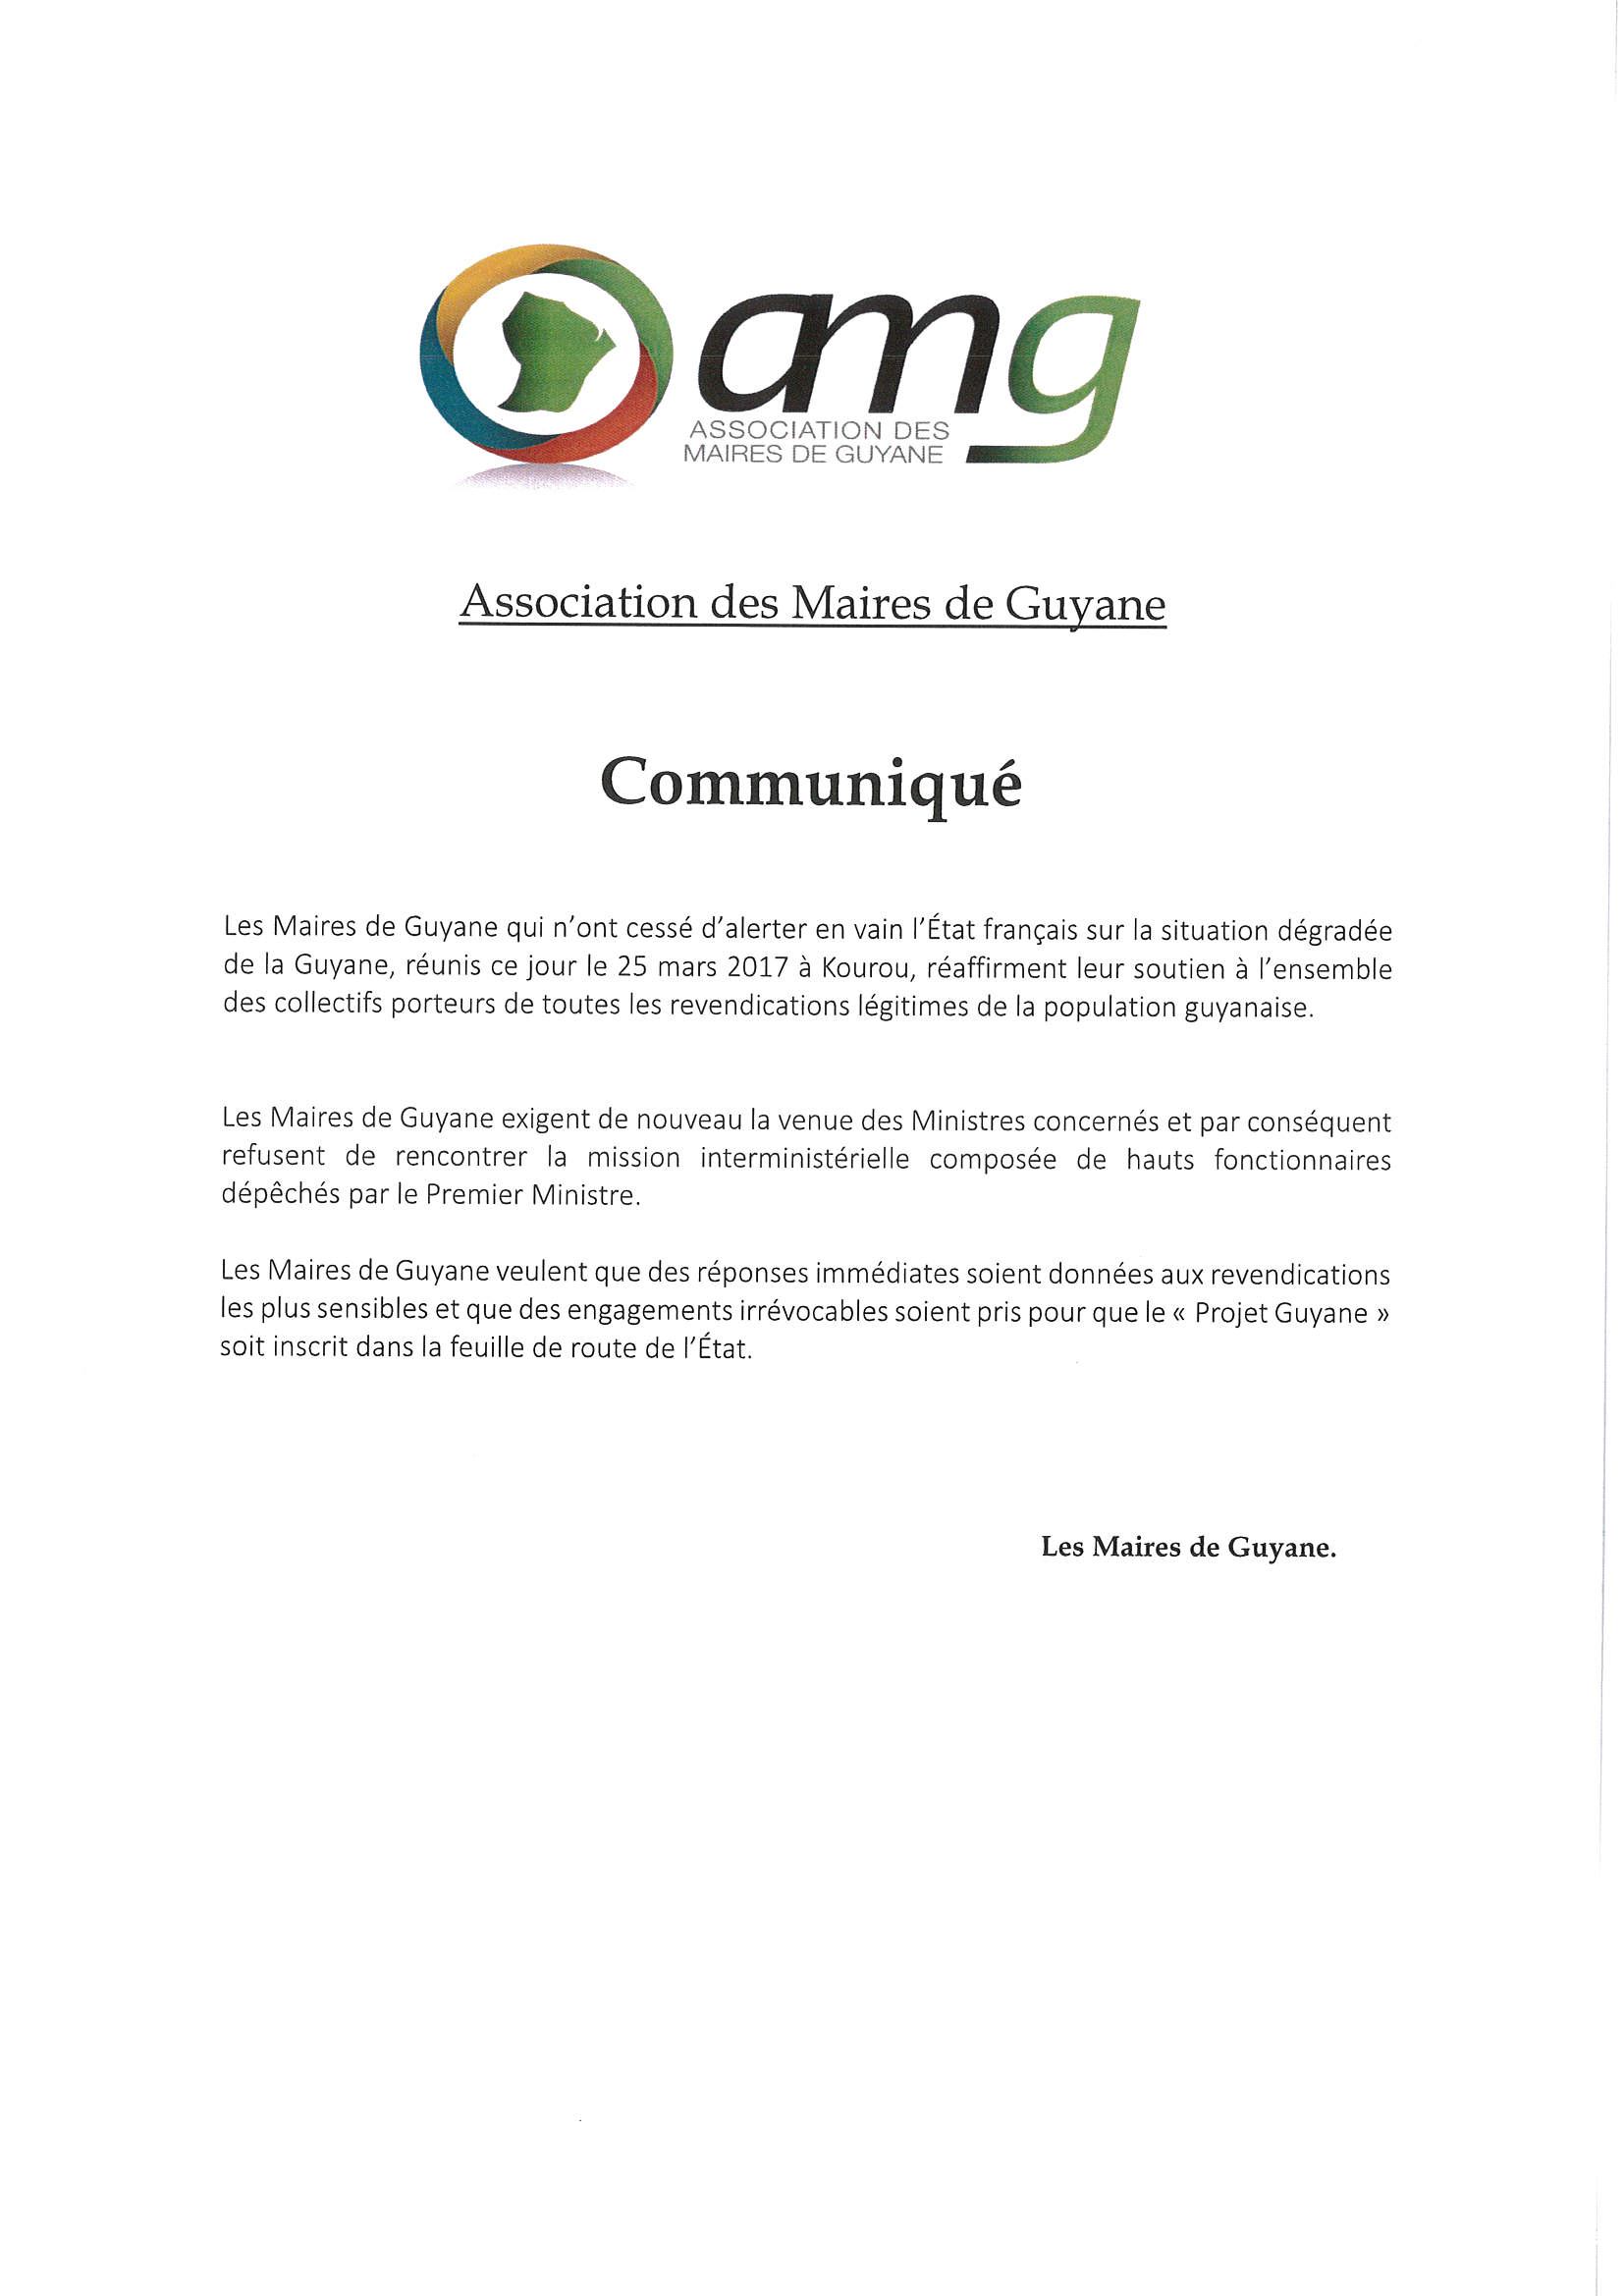 Communiqué adressé par les Maires de Guyane au gouvernement